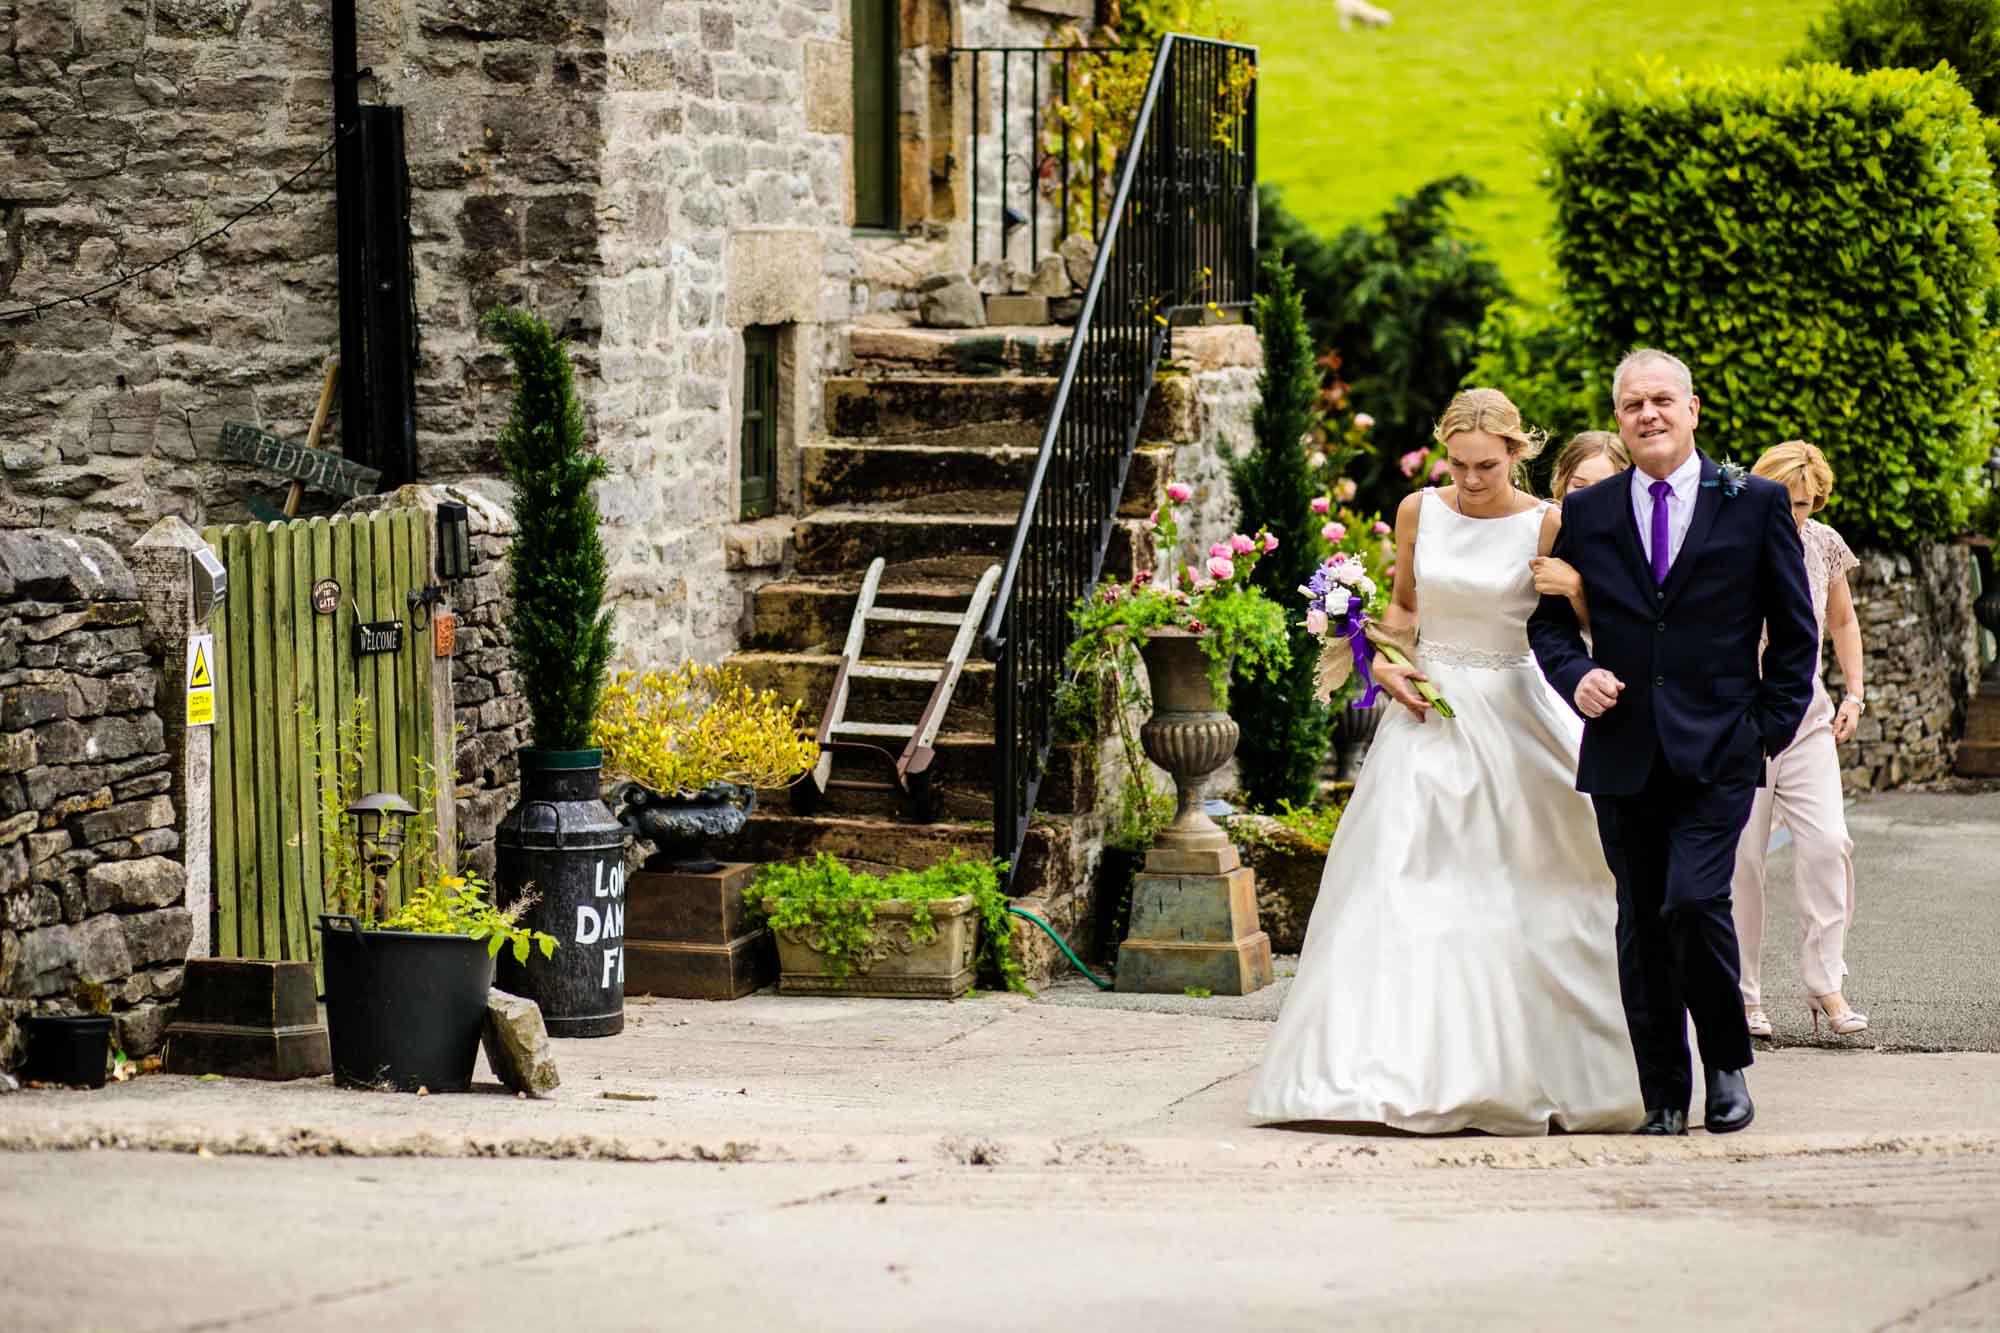 Lower Damgate Farm Weddings